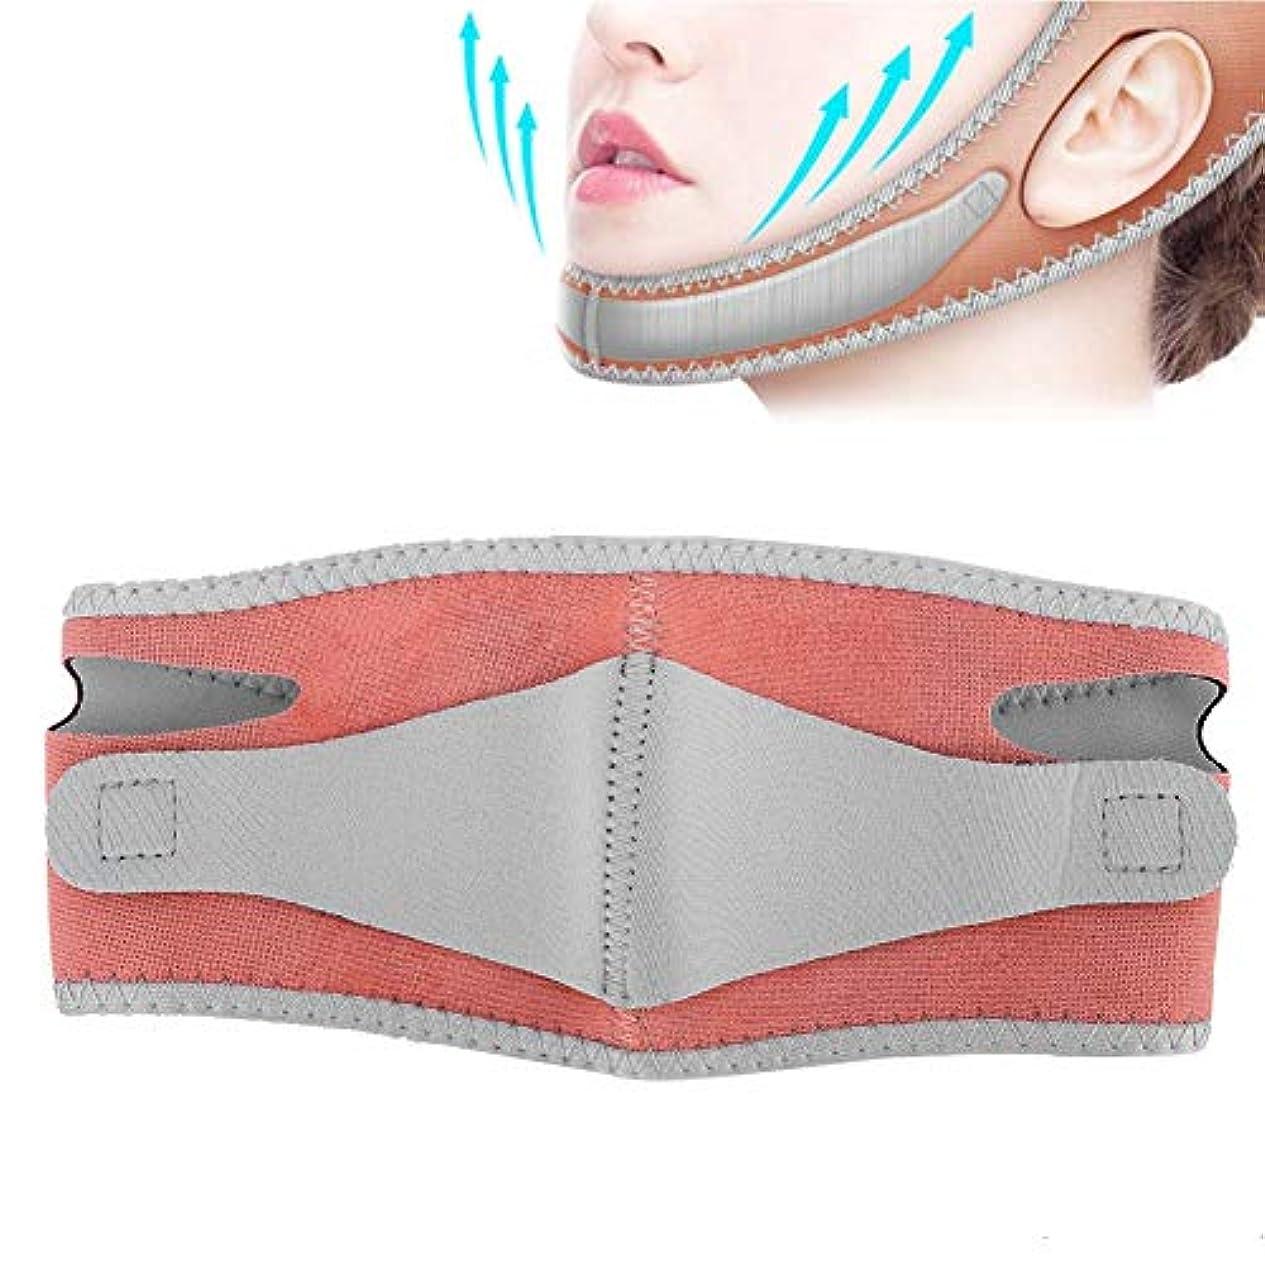 生命体租界ラッシュ薄い顔包帯顔、Vフェイスラインスリムダブルチンチークスリムリフトアップ引き締まった肌防止マスクあなたが顔の肌を引き締めるのに役立ちます